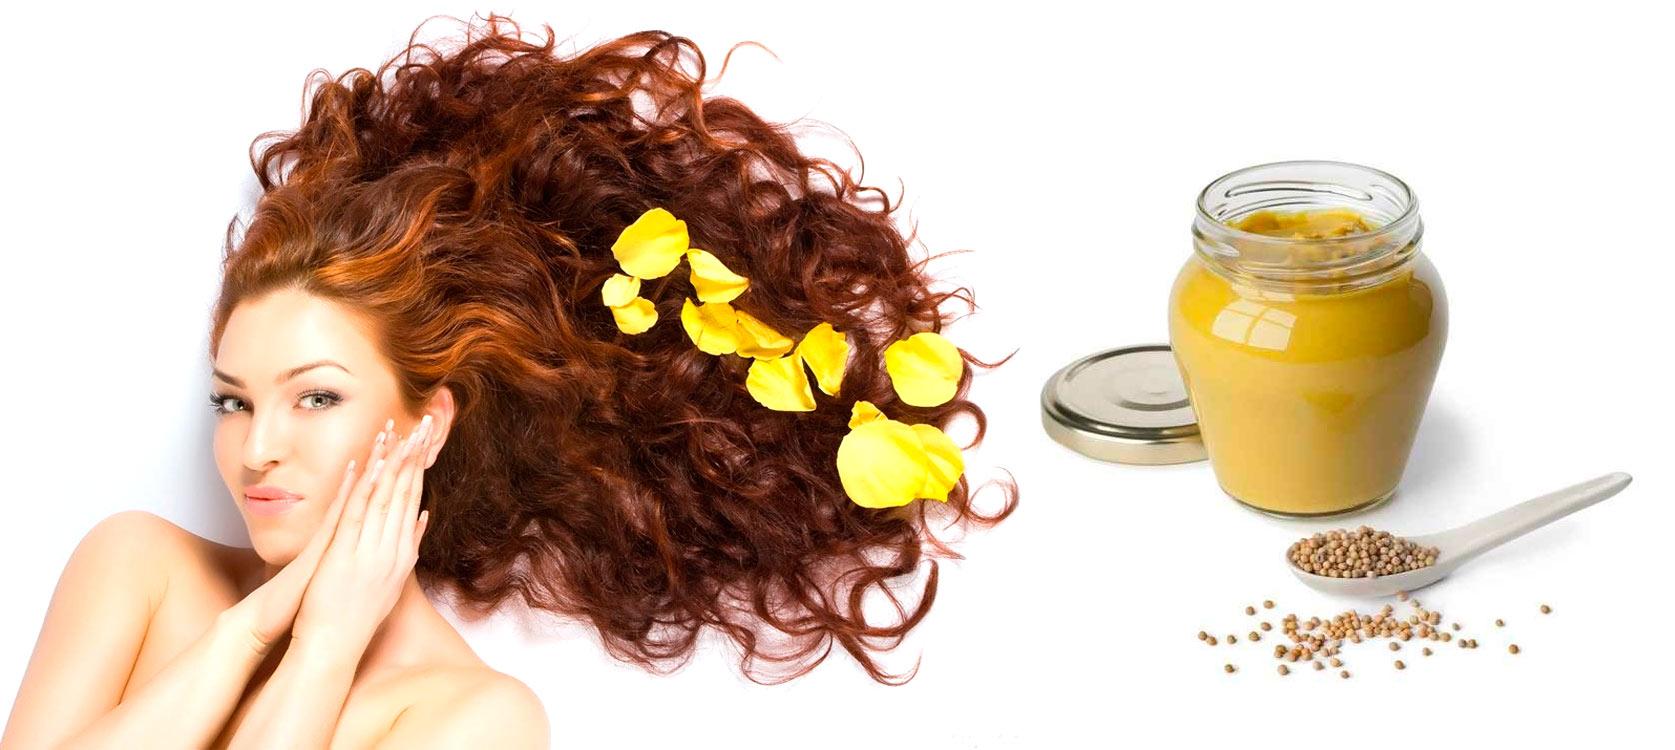 Фармамед витамины для женщин для волос кожи и ногтей отзывы